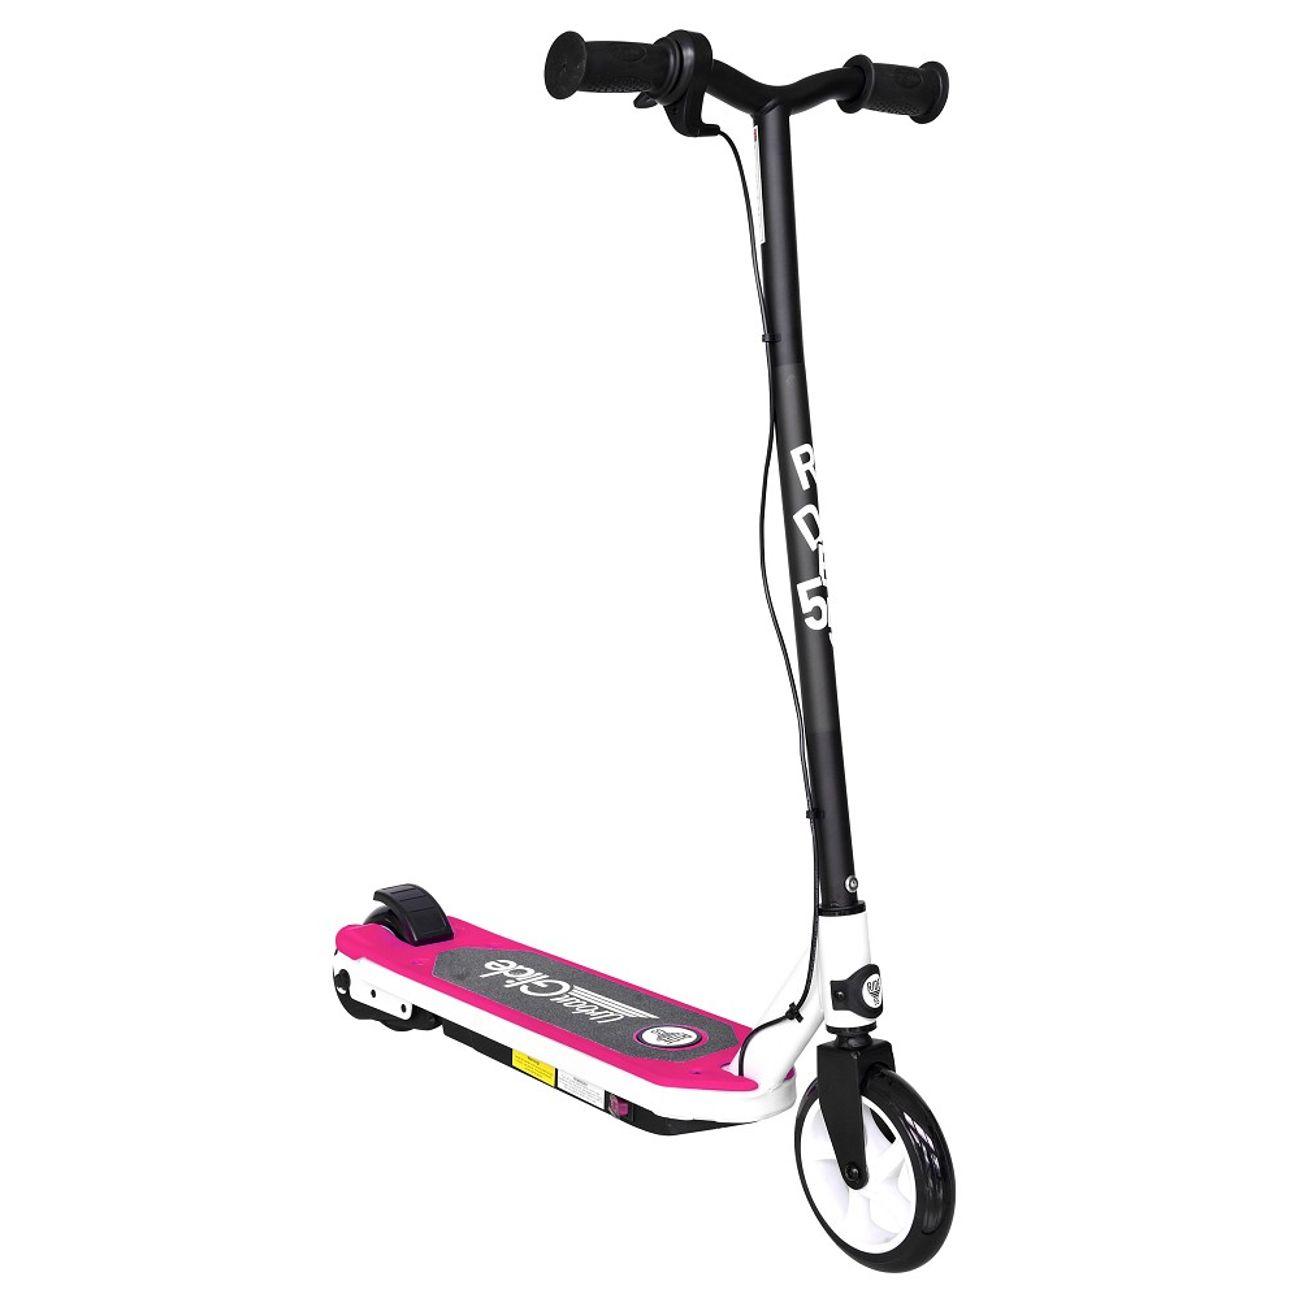 URBANGLIDE Trottinette électrique enfant UrbanGlide Ride 55 Rose - Dès 6 ans - Ultra légère - Vitesse max 10Km/h - Béquille